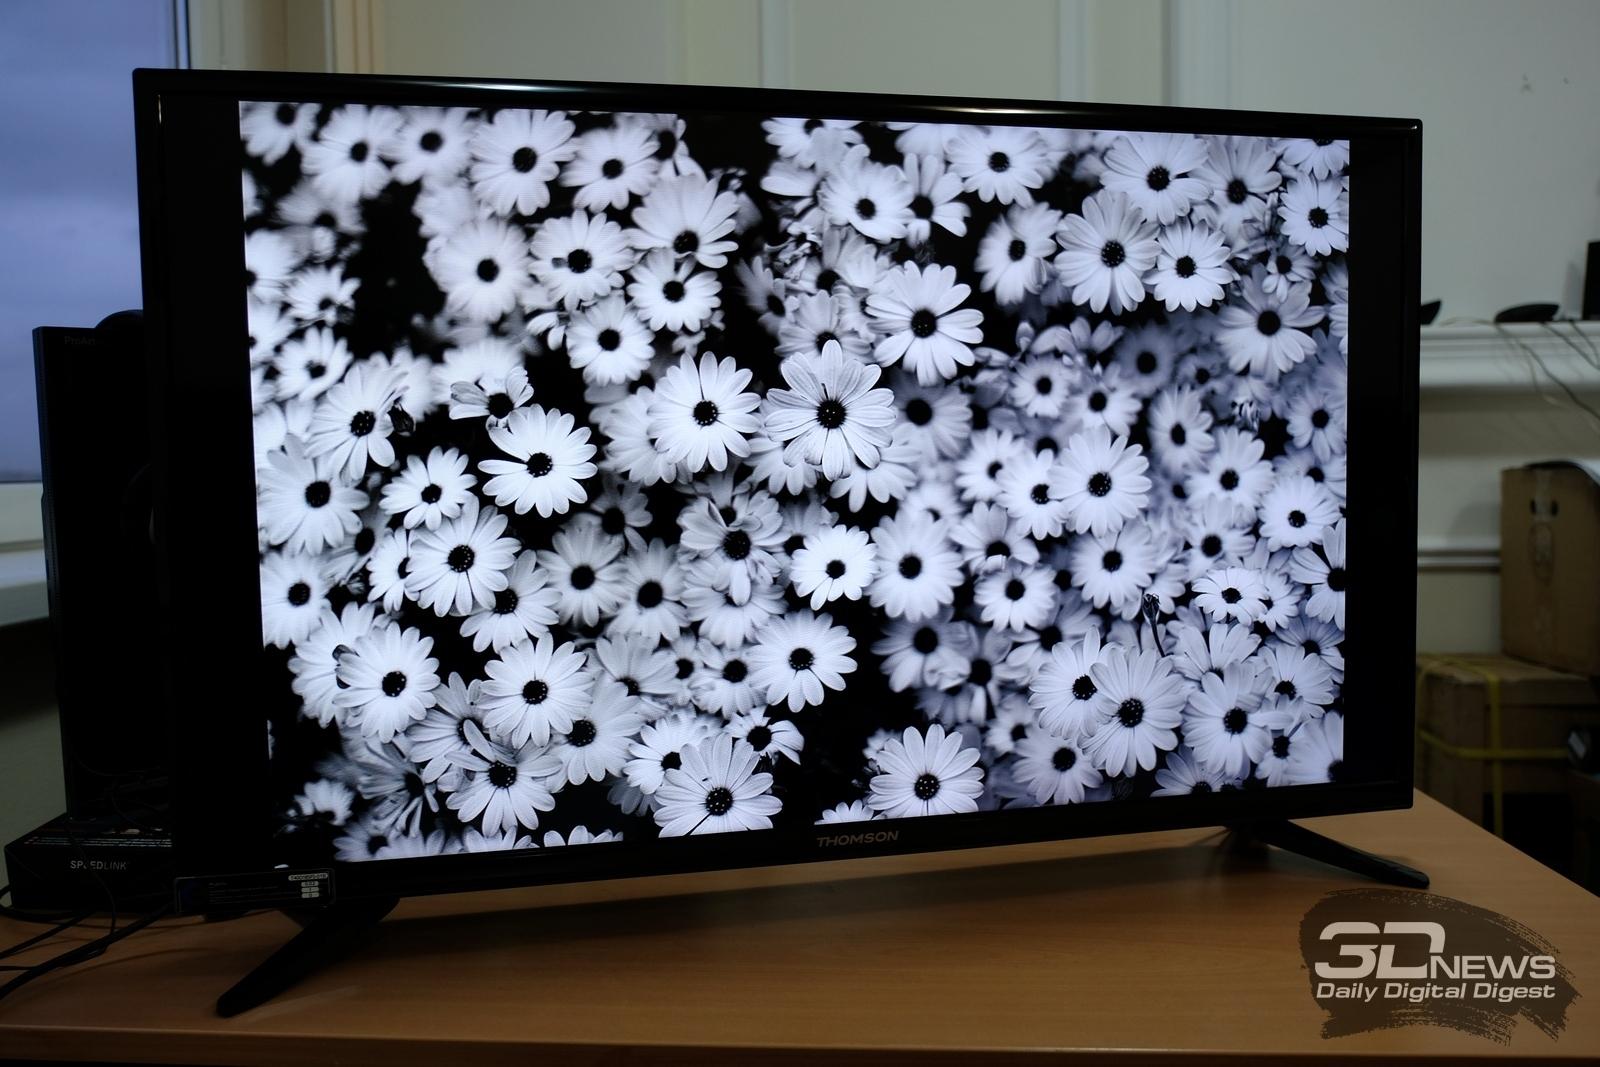 как настроить смарт тв на телевизоре томсон